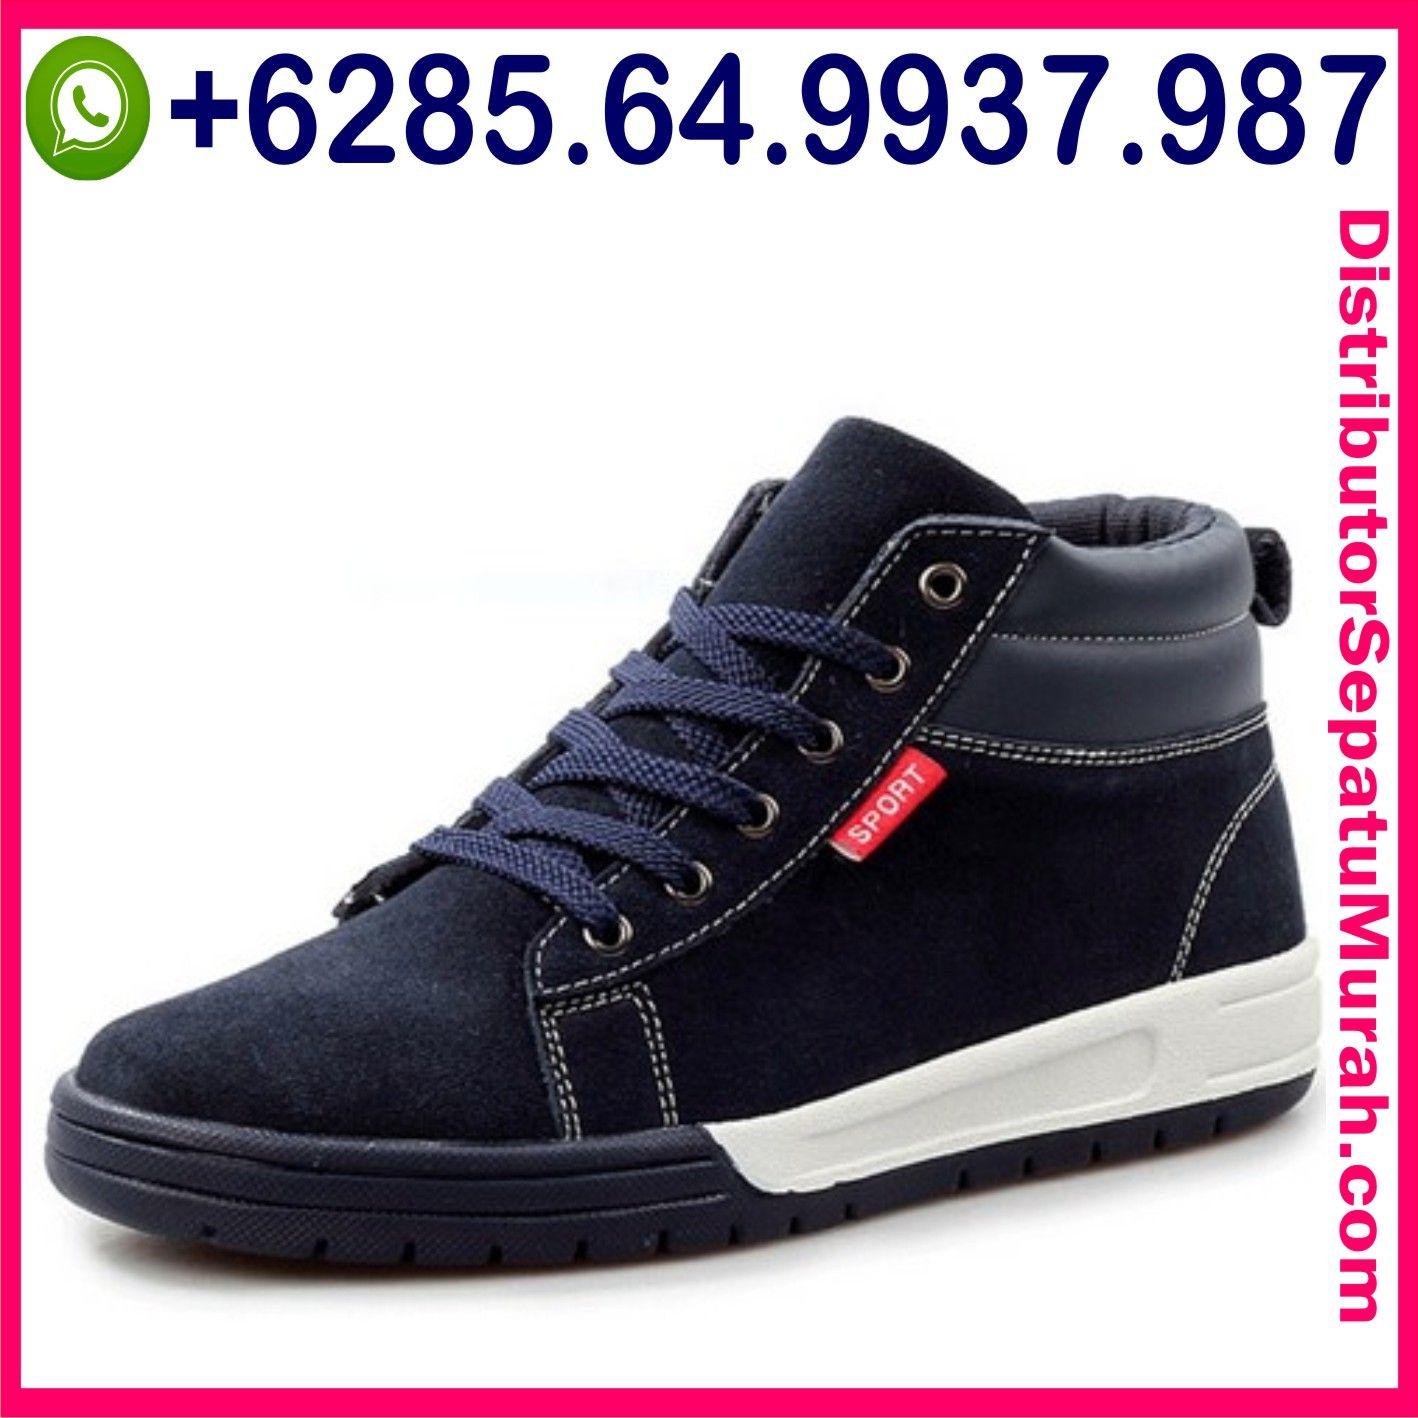 SEPATU PRIA Custom boots, Boots, Malang